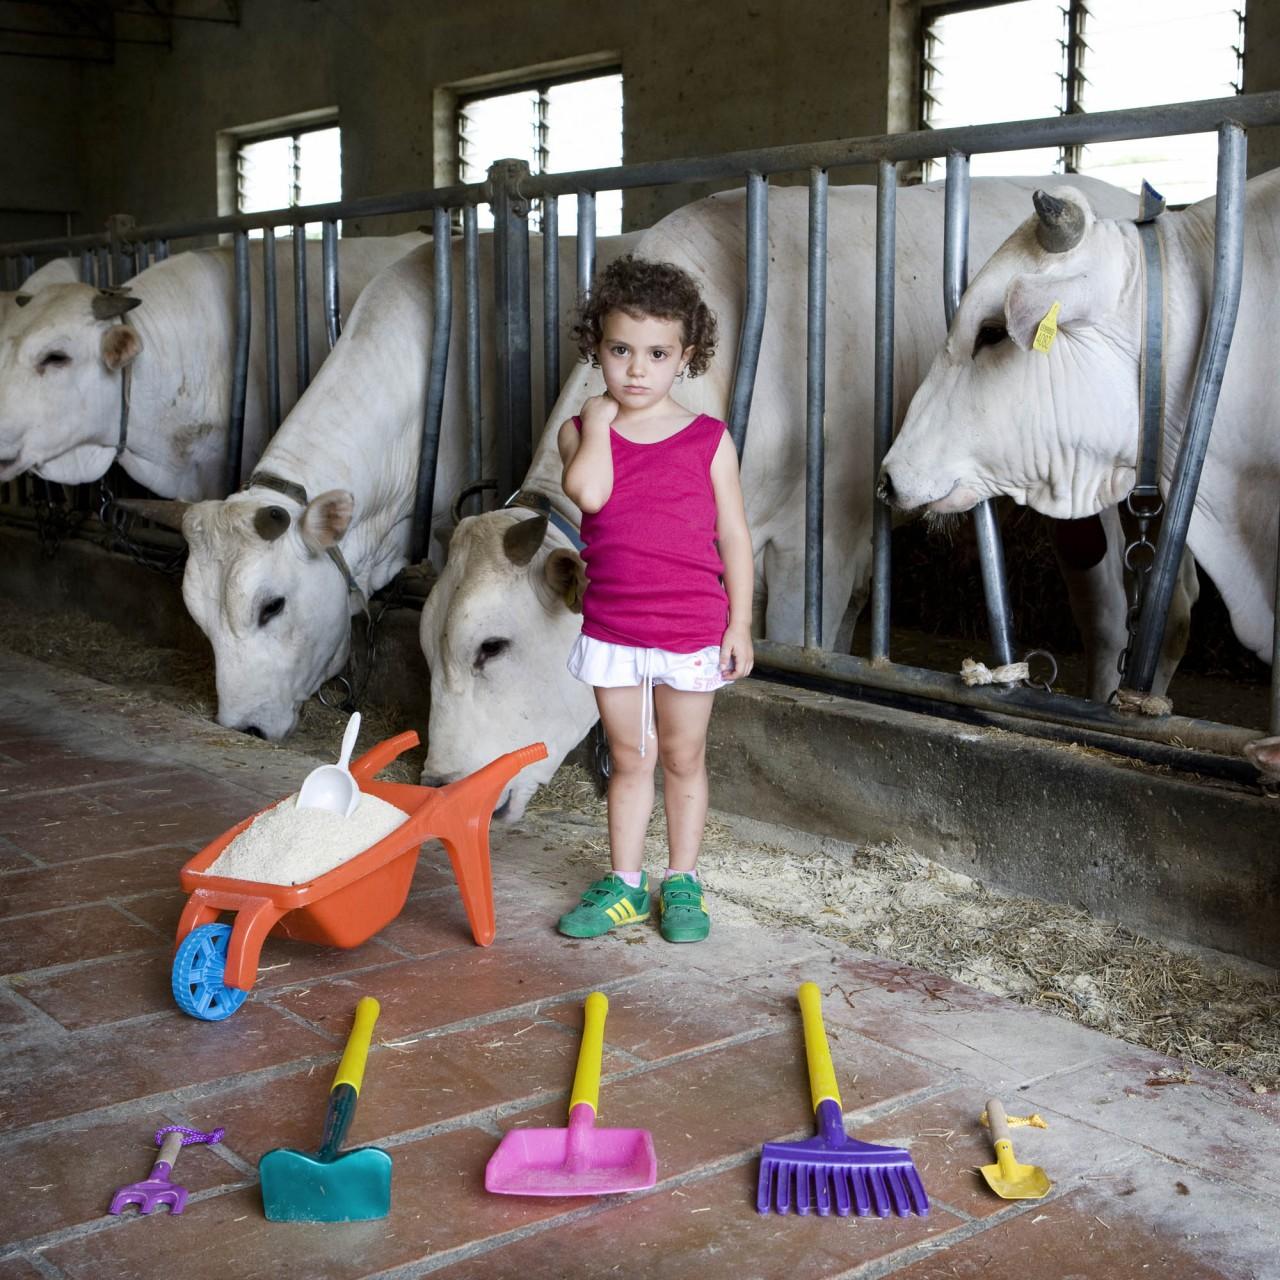 Портреты детей и их игрушки со всего мира мира. Увлекательное путешествие